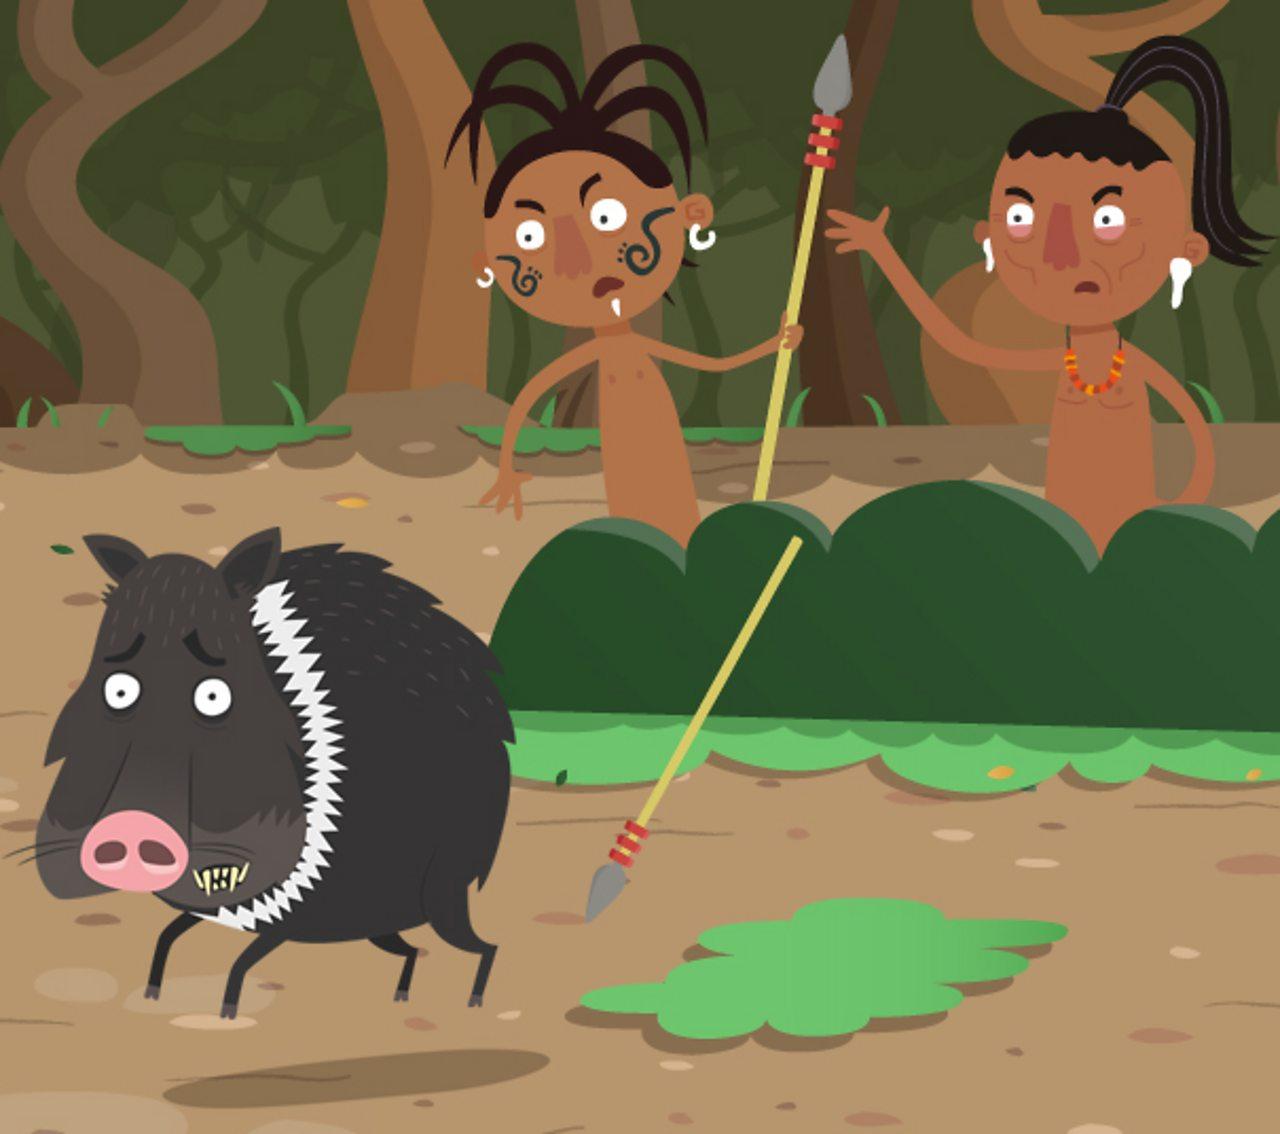 Two Maya hunters chasing a pig